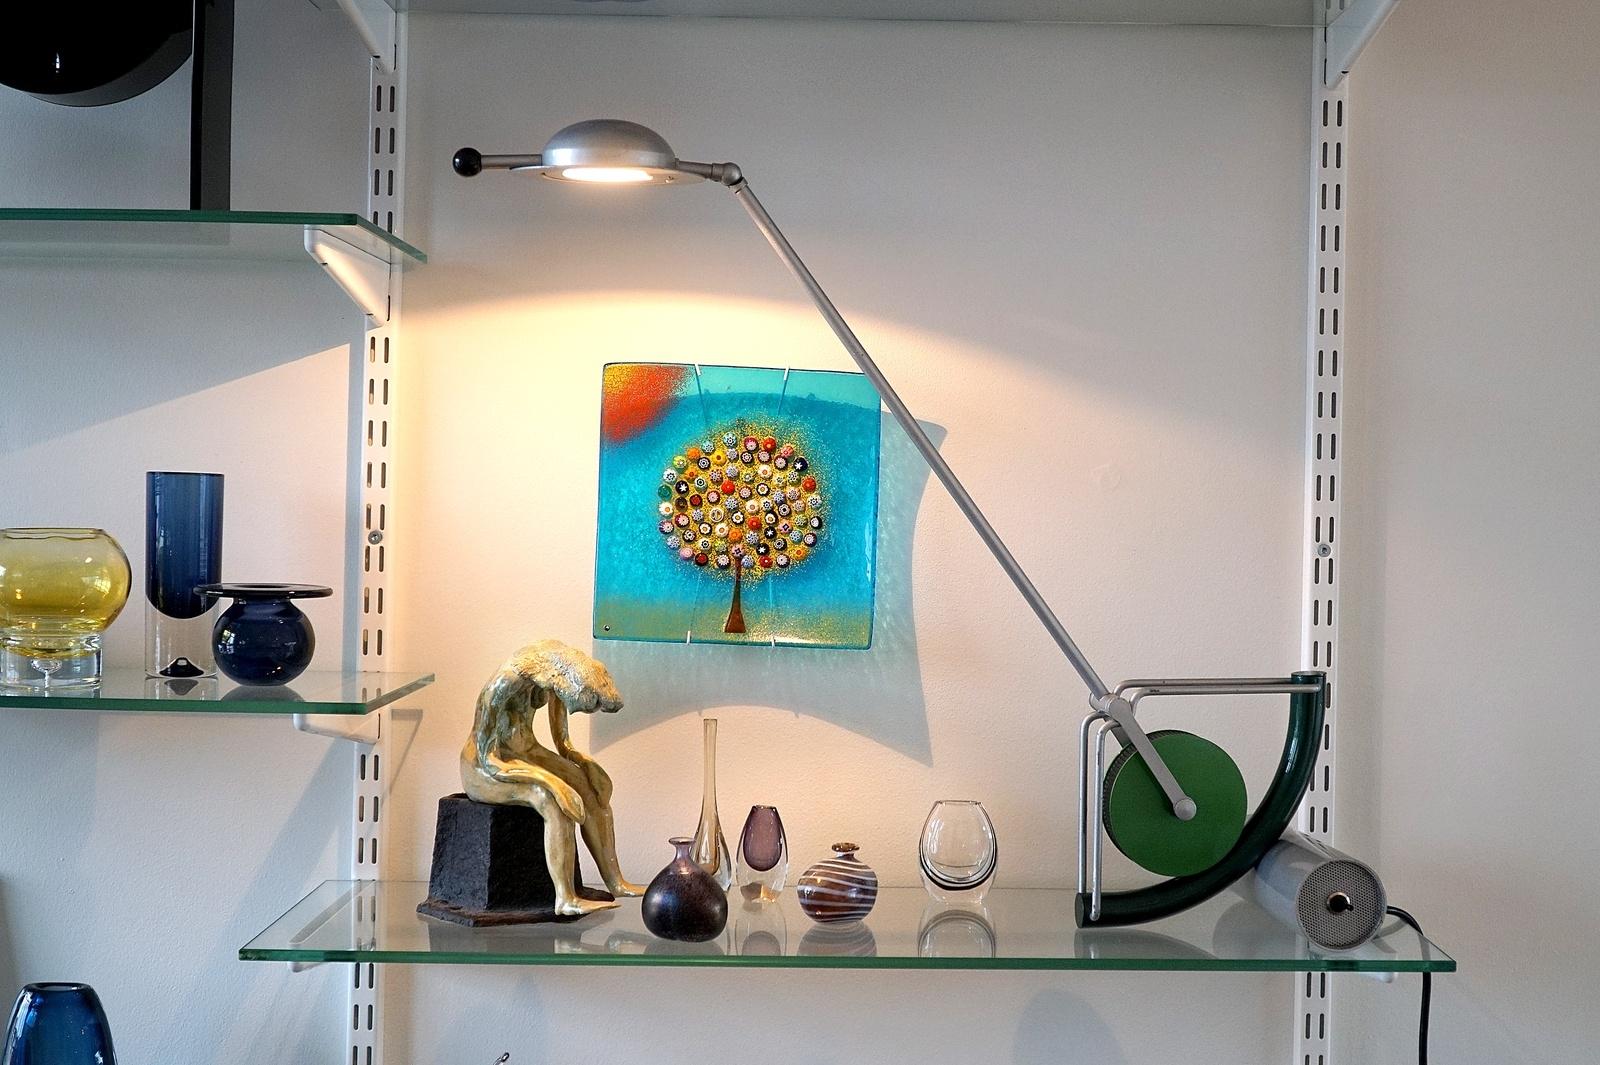 Lampor hör till Johan Stavåsens favoritdetaljer i inredningen. Han menar att rätt ljussättning har stor betydelse för intrycket.